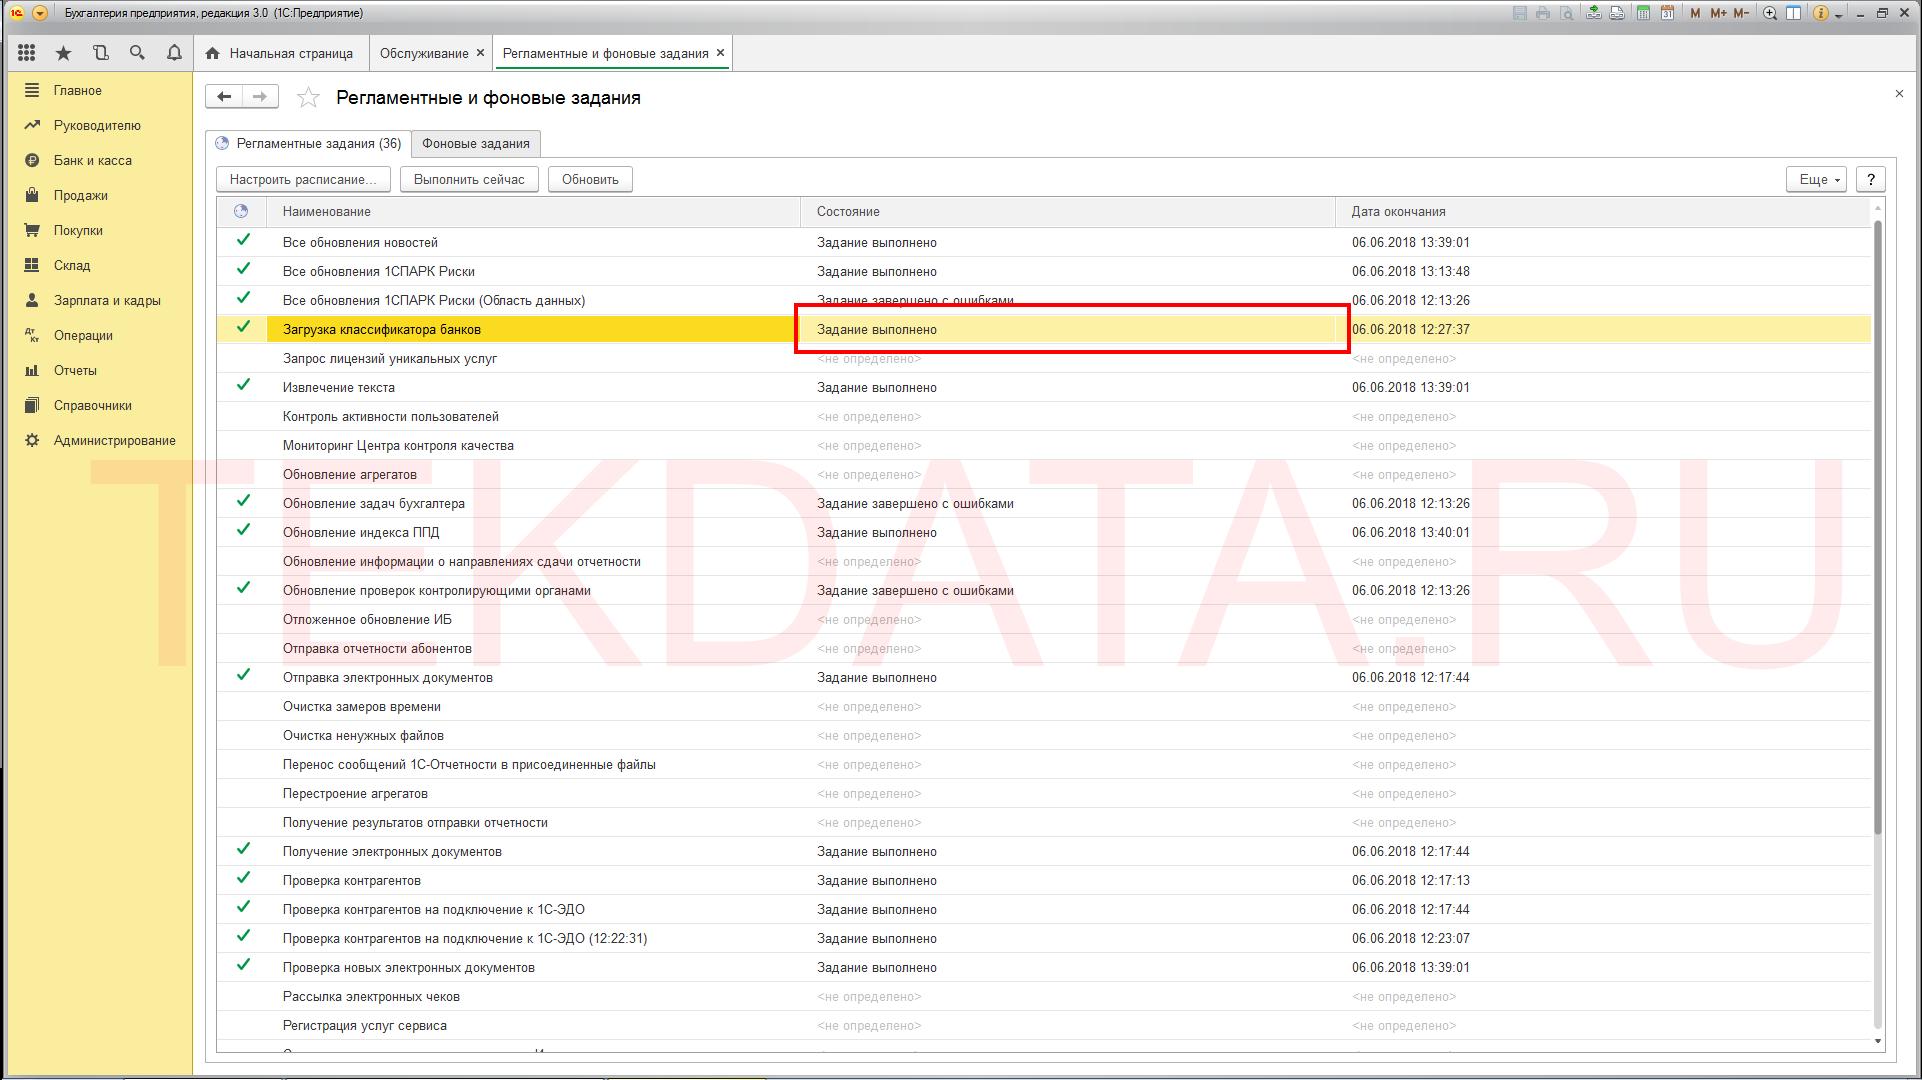 Как загрузить классификатор банков в 1С:Бухгалтерия 3.0 и другие конфигурации | tekdata.ru